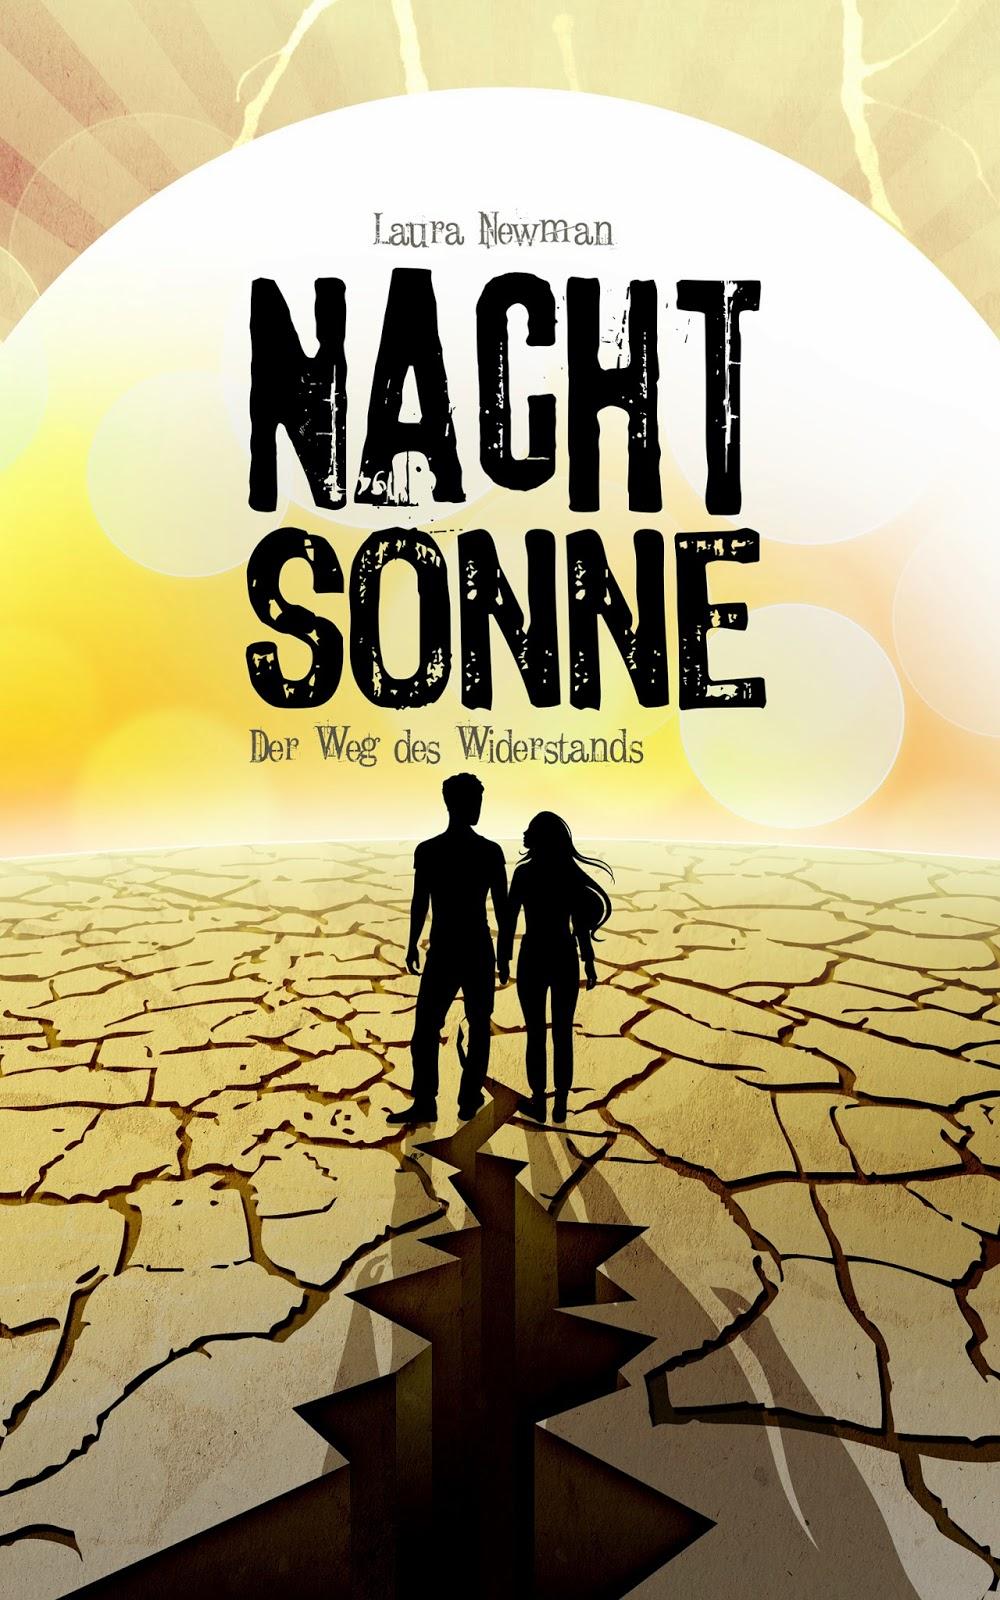 http://www.amazon.de/NACHTSONNE-Der-Widerstands-Nachtsonne-Chroniken/dp/1499678584/ref=pd_sim_b_1?ie=UTF8&refRID=06AWC4A5T9JEHXESSR5Z